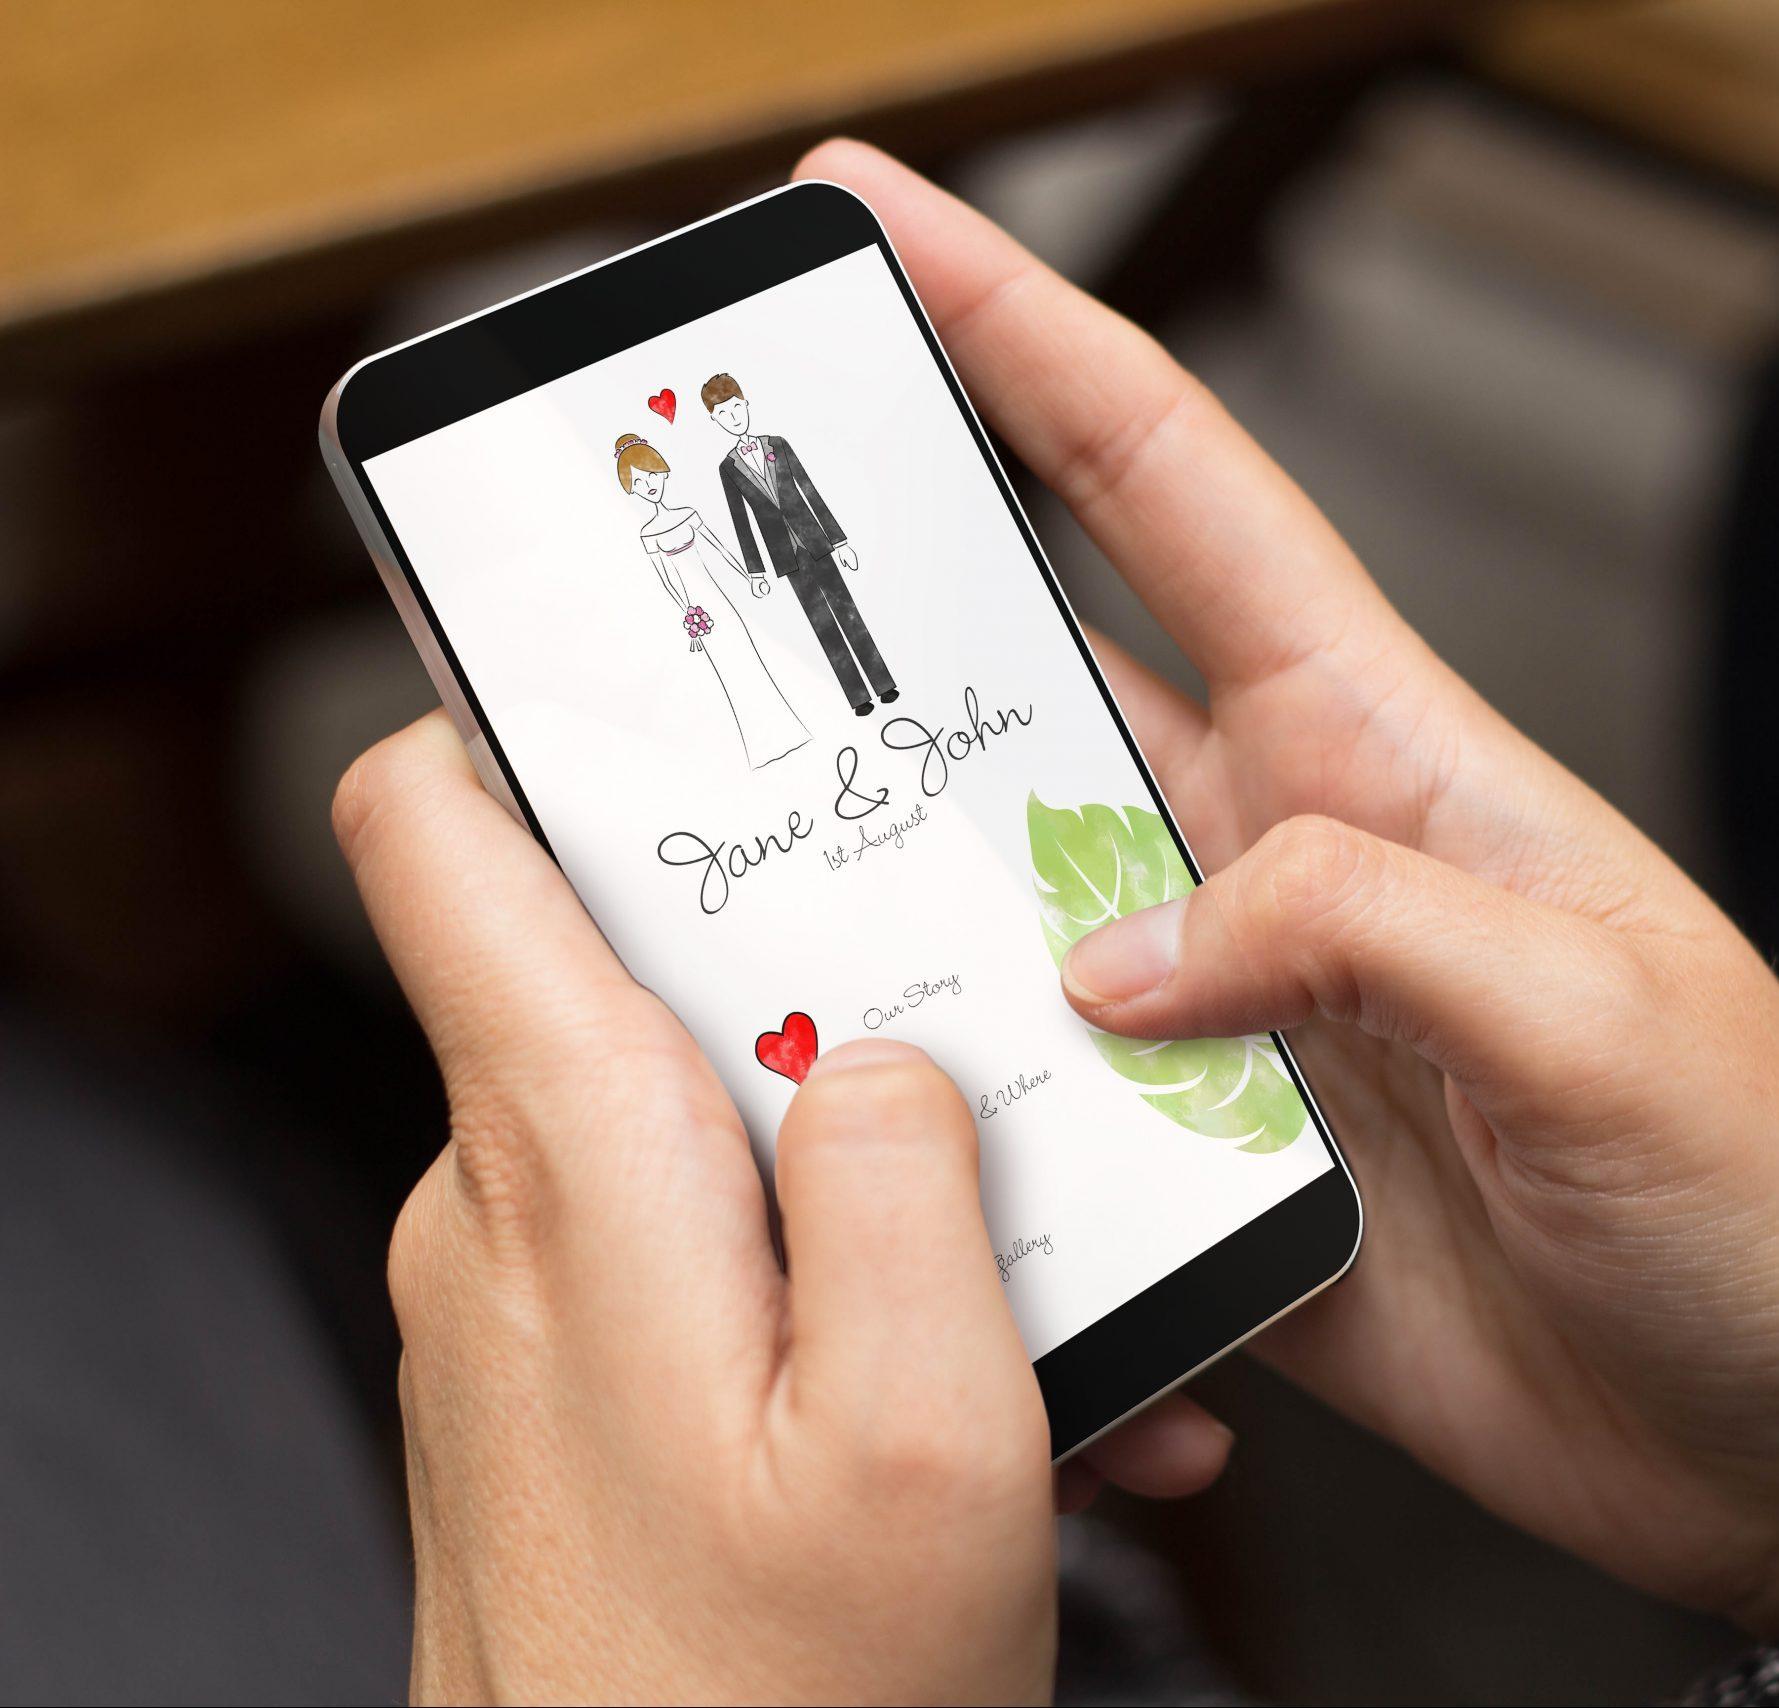 Invitatii nunta digitalizate